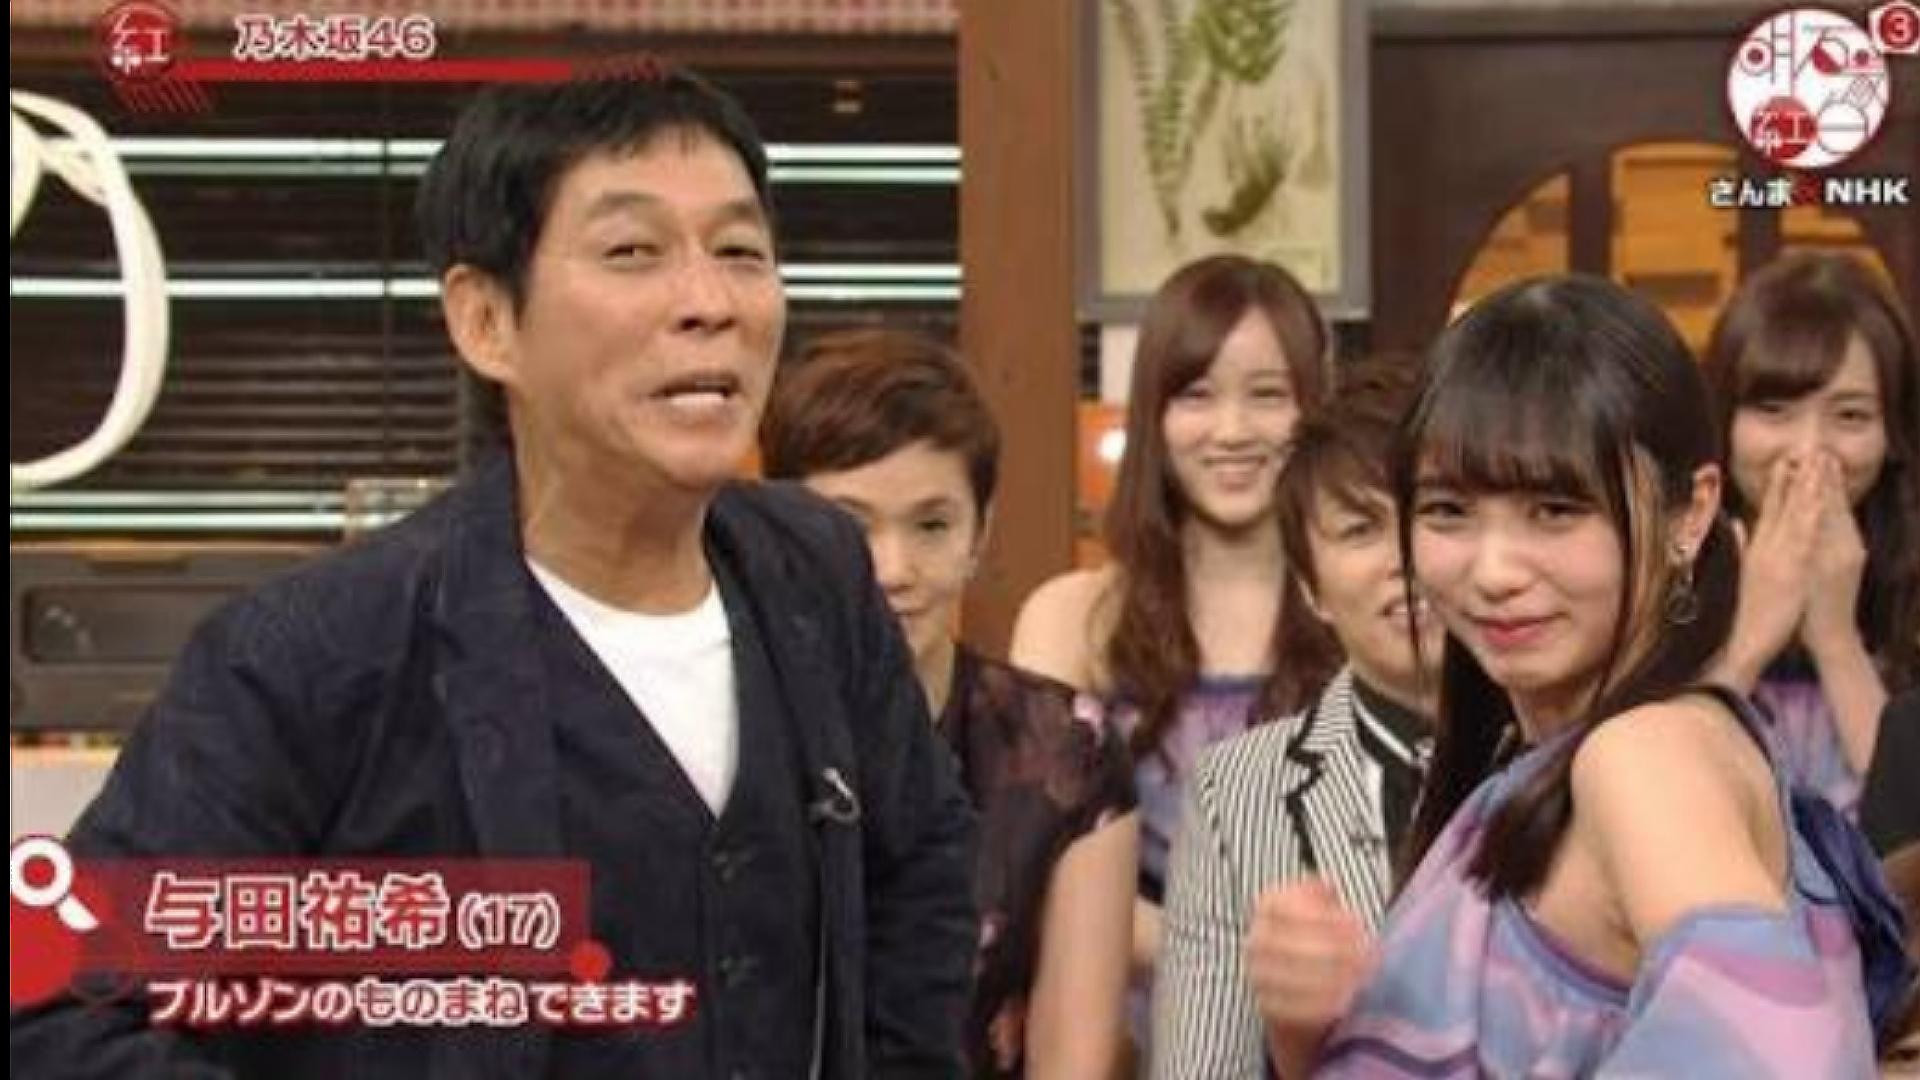 与田祐希の天然エピソードと方言がかわいい!首絞められてもすいとーよ